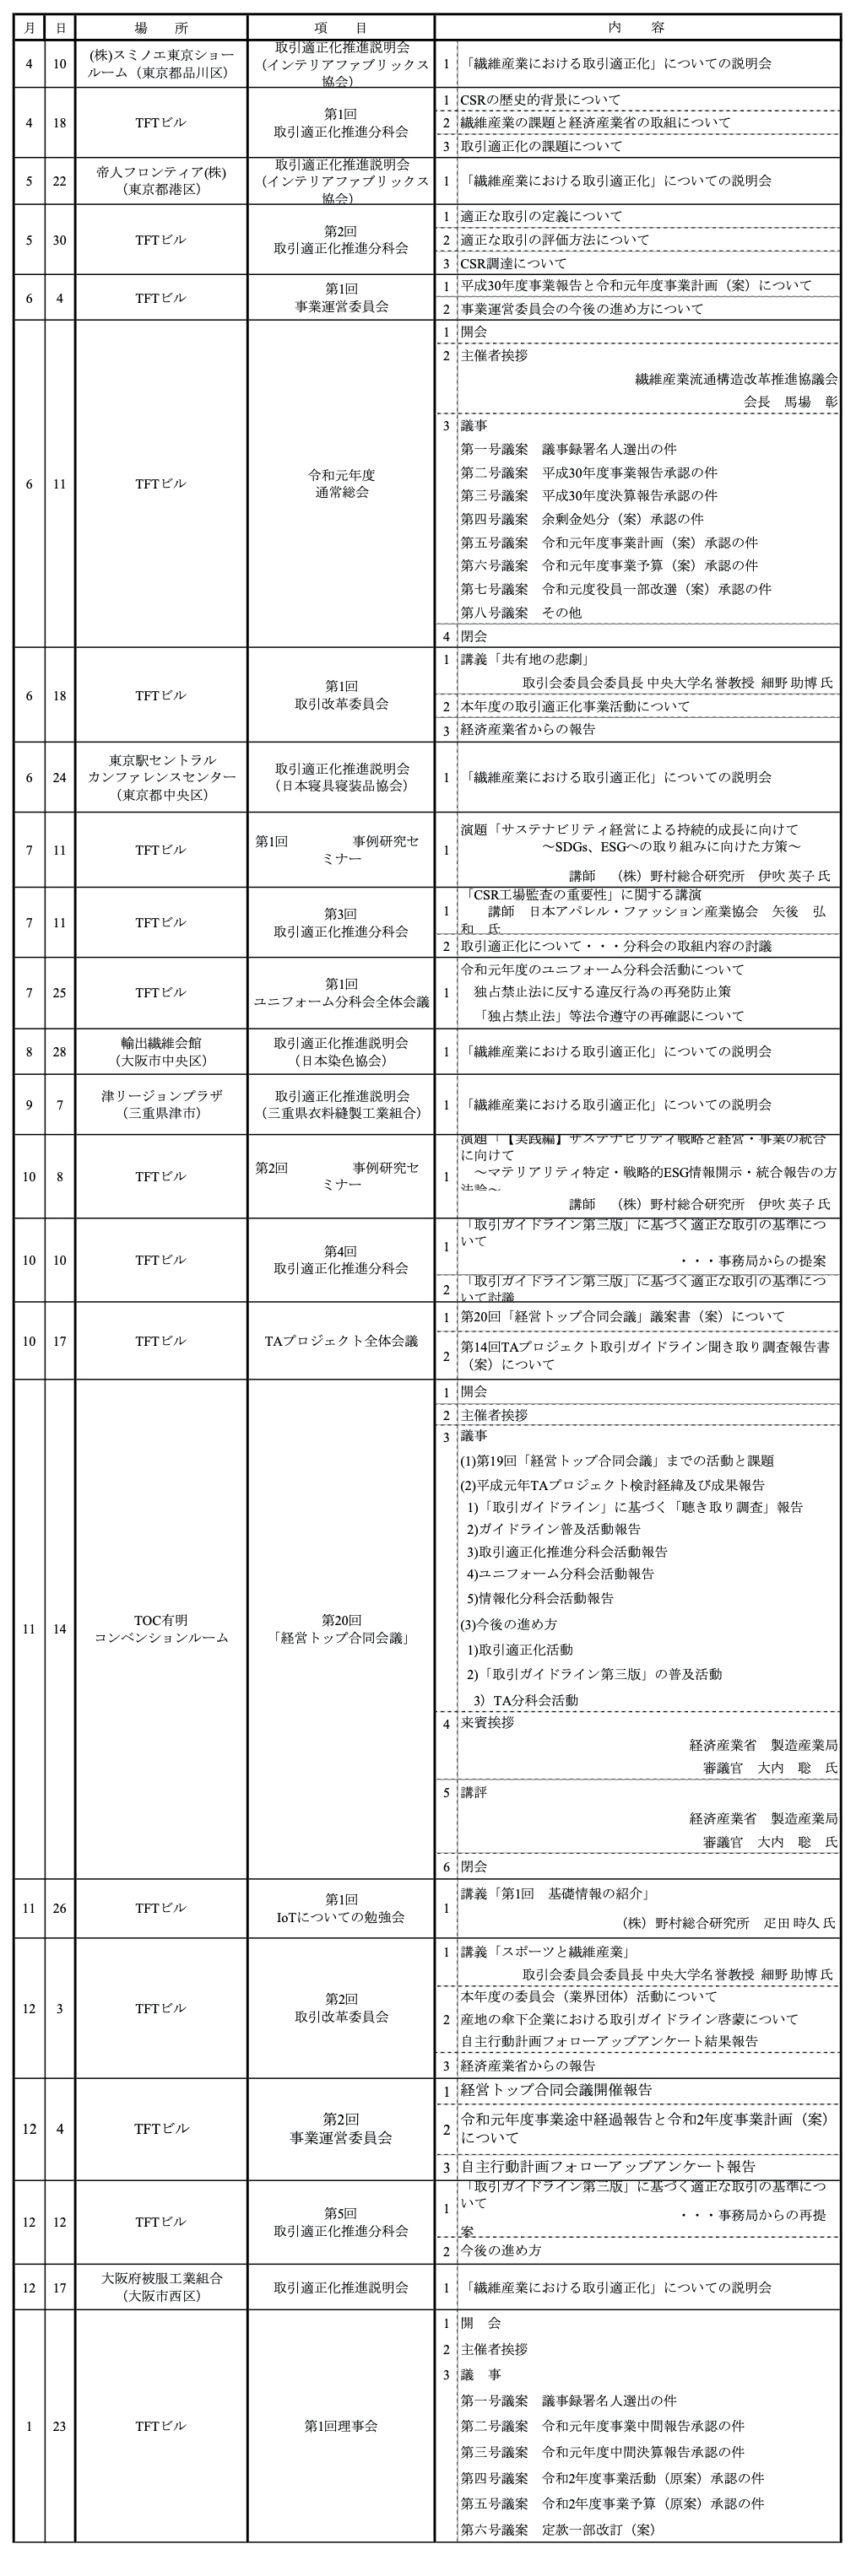 2019活動報告